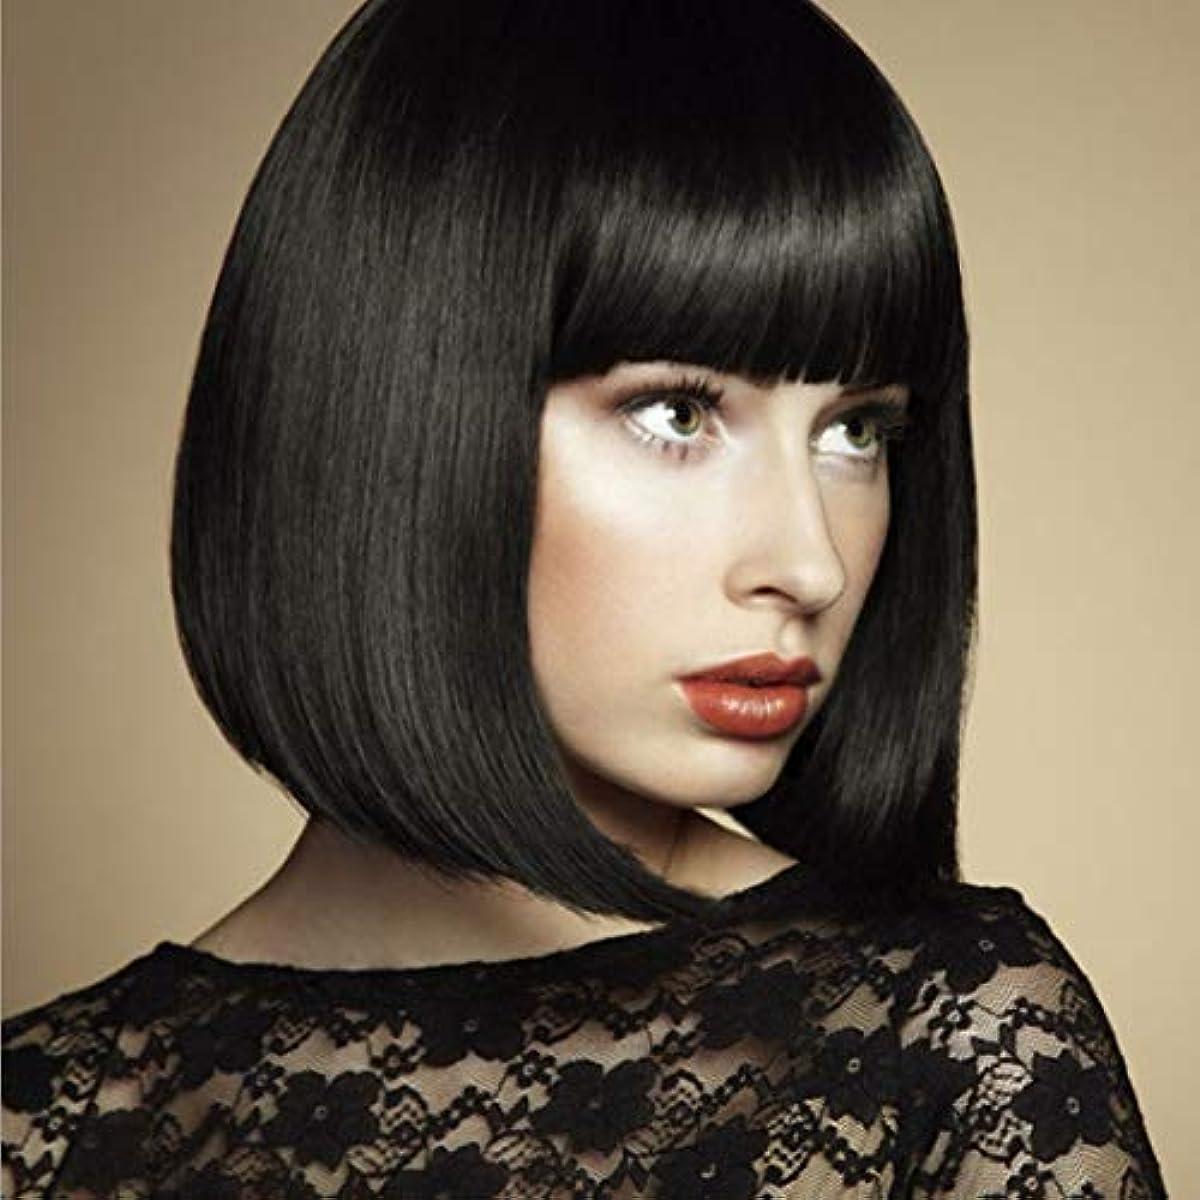 シリアル列挙する分泌するSummerys レディースブラックショートストレートヘアー前髪付き前髪ウェーブヘッドかつらセットヘッドギア